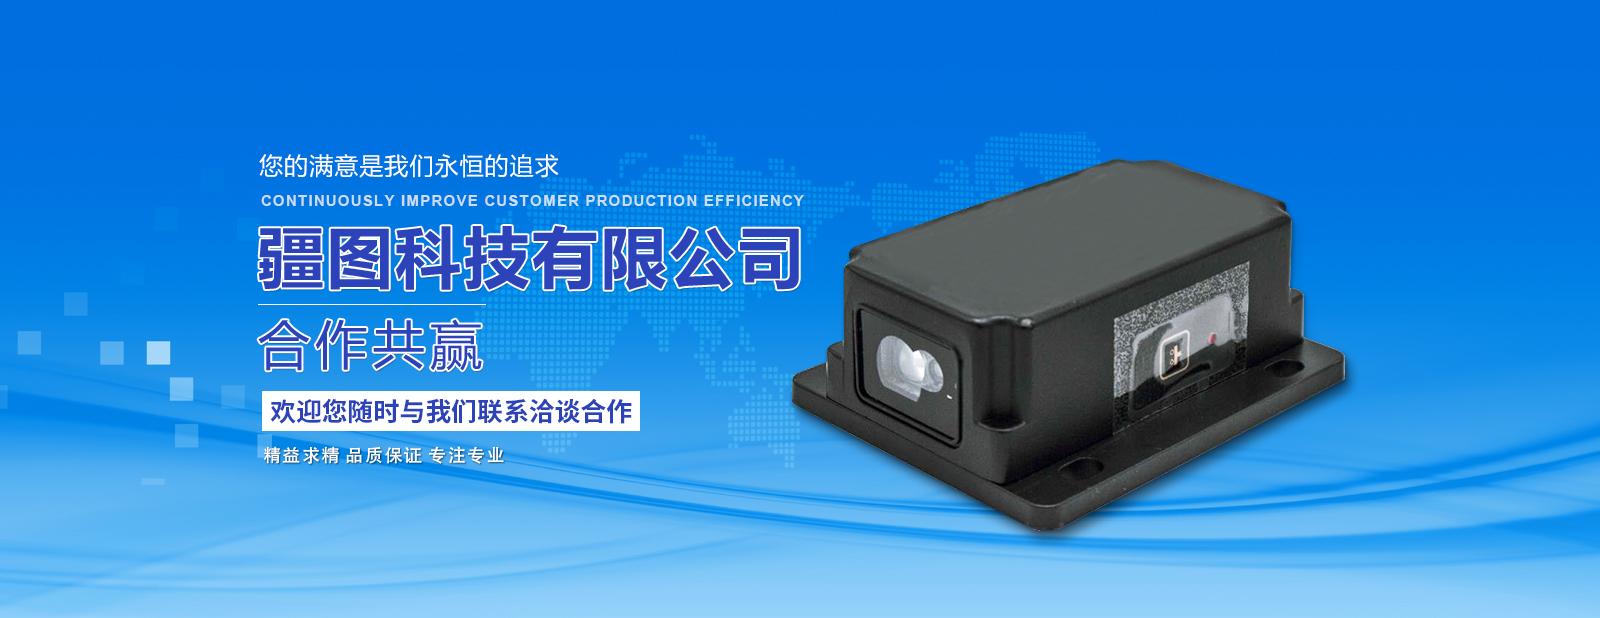 上海三维扫描仪